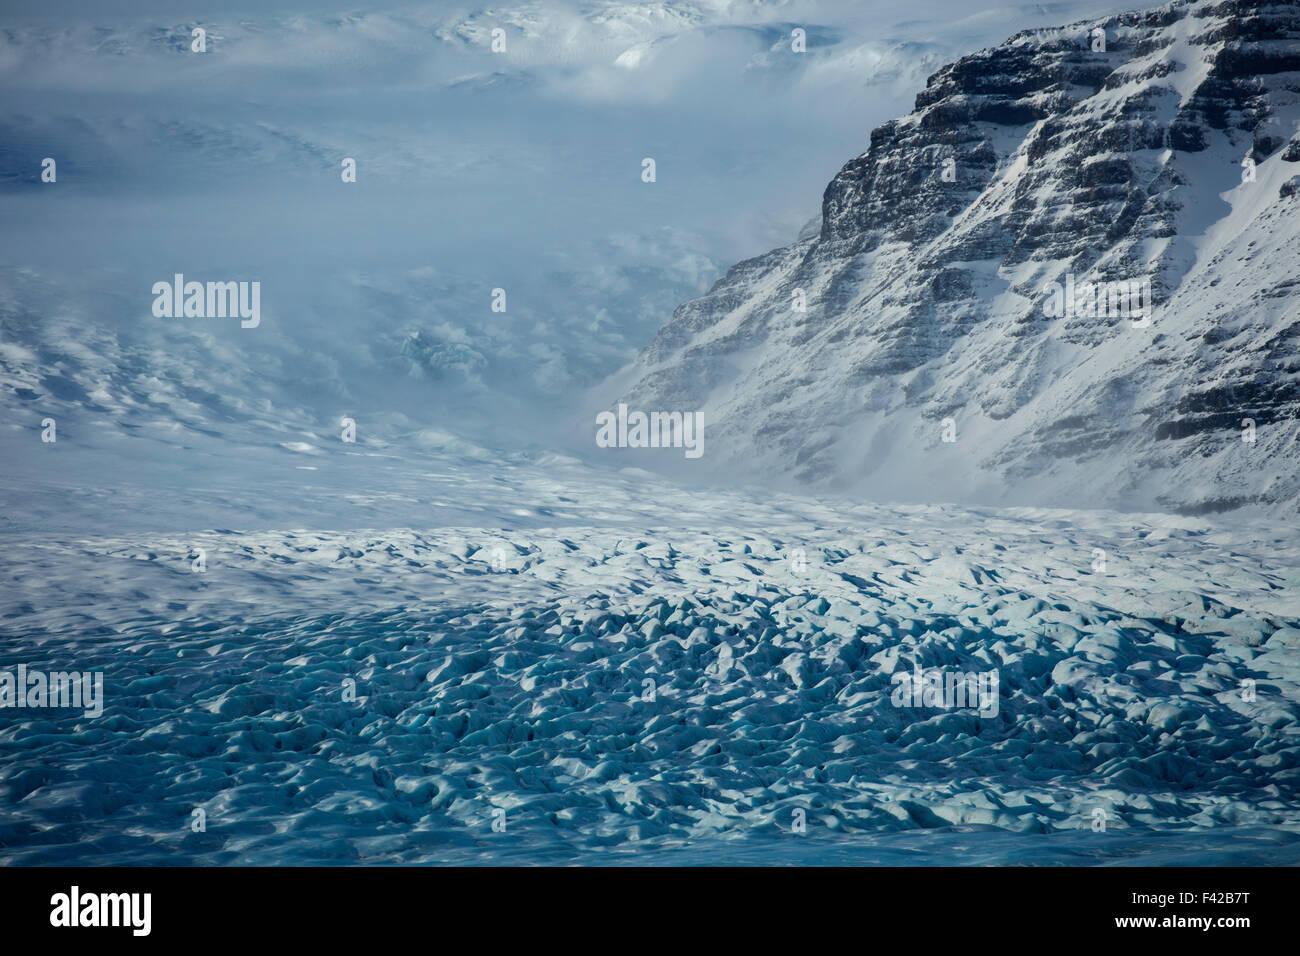 Hoffelsjokull, eastern Iceland - Stock Image